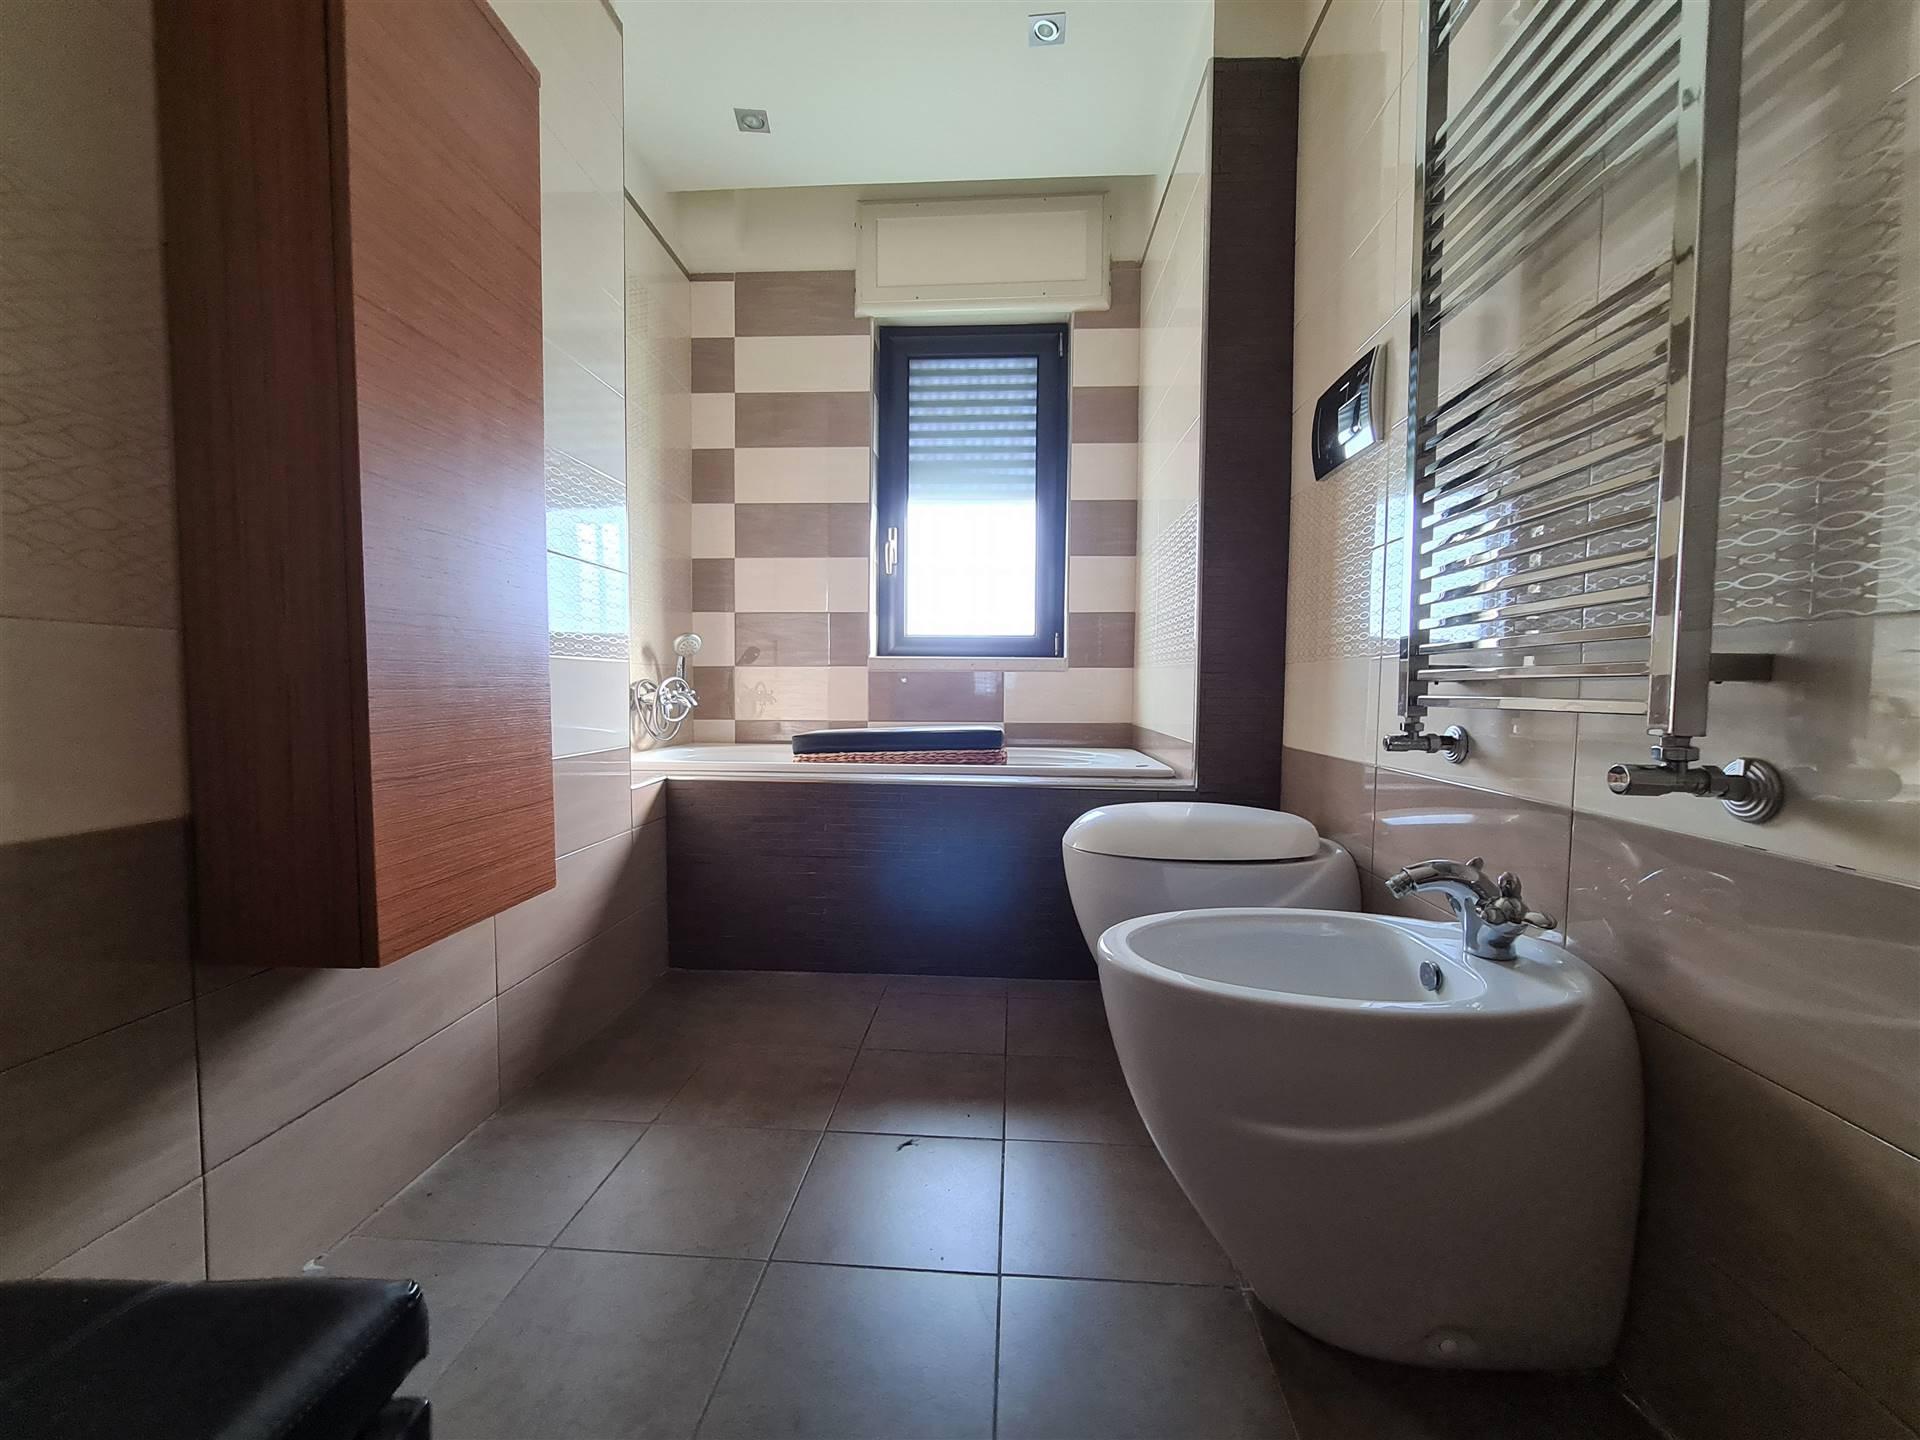 AV978-Appartamento-MACERATA-CAMPANIA-Via-Albana